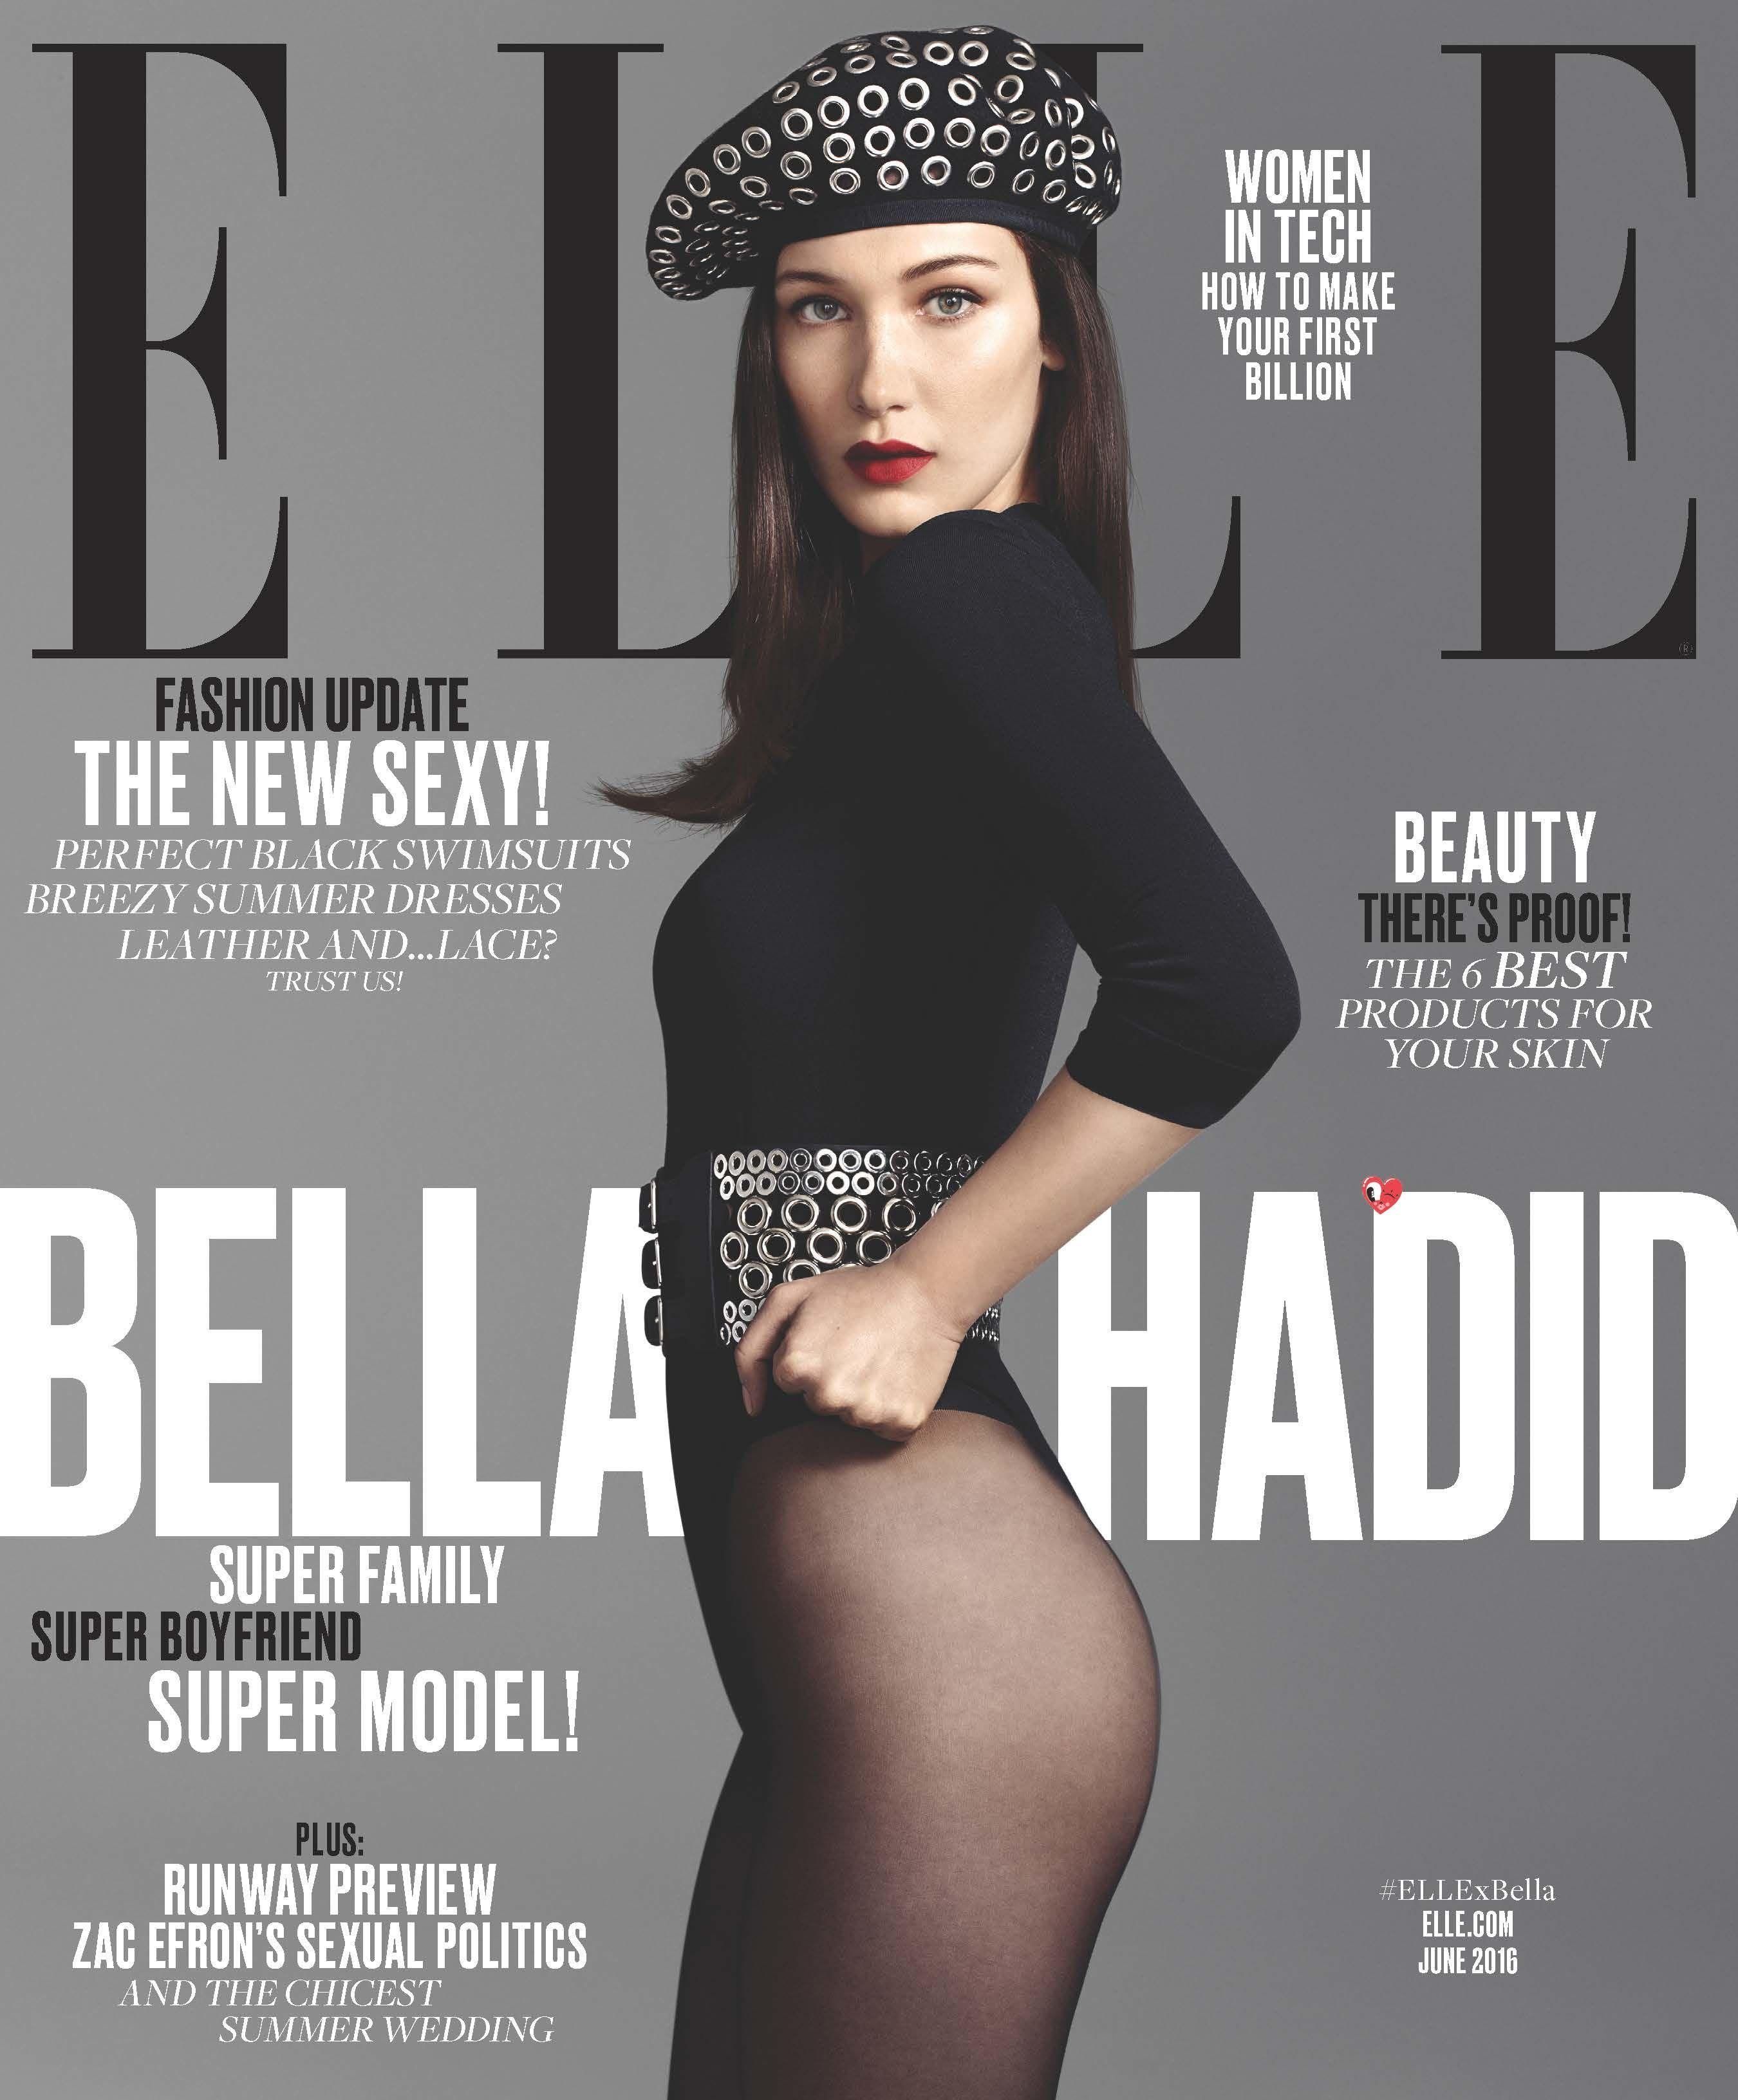 Bella-Hadid-Sexy-1 (1)